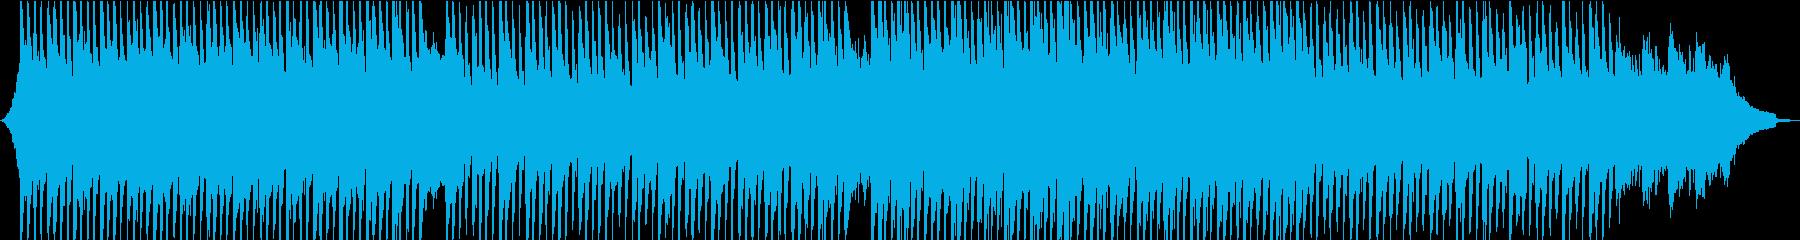 向上心・前向き【ゆったりコーポレート】②の再生済みの波形